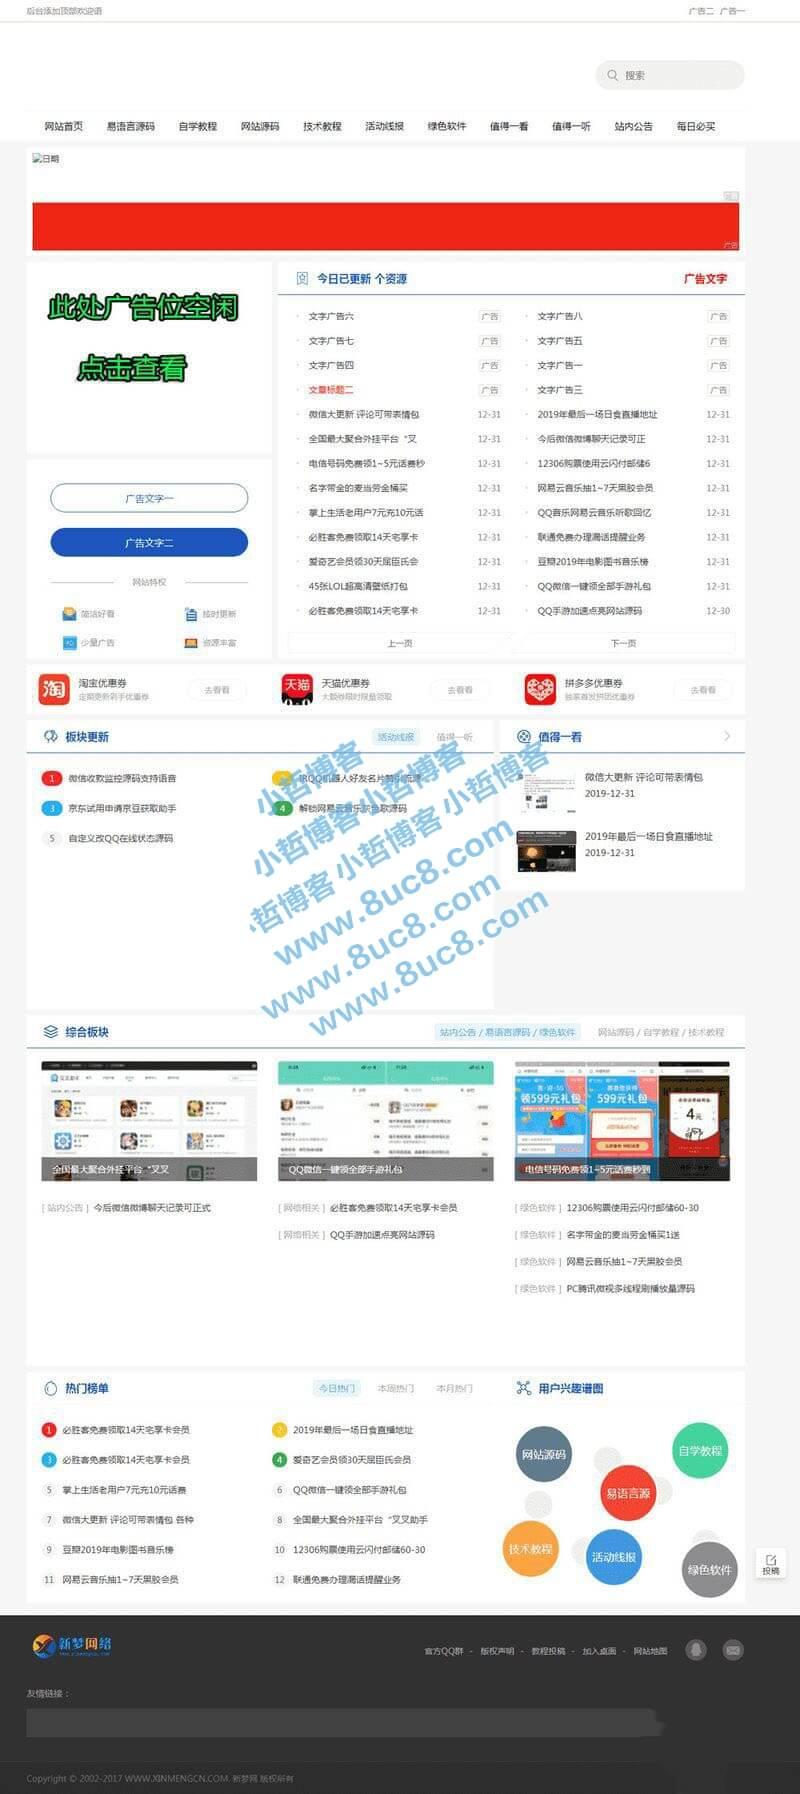 小刀娱乐网最新2020模板网站源码 附带投稿功能 (https://www.8uc8.com/) 源码下载 第1张